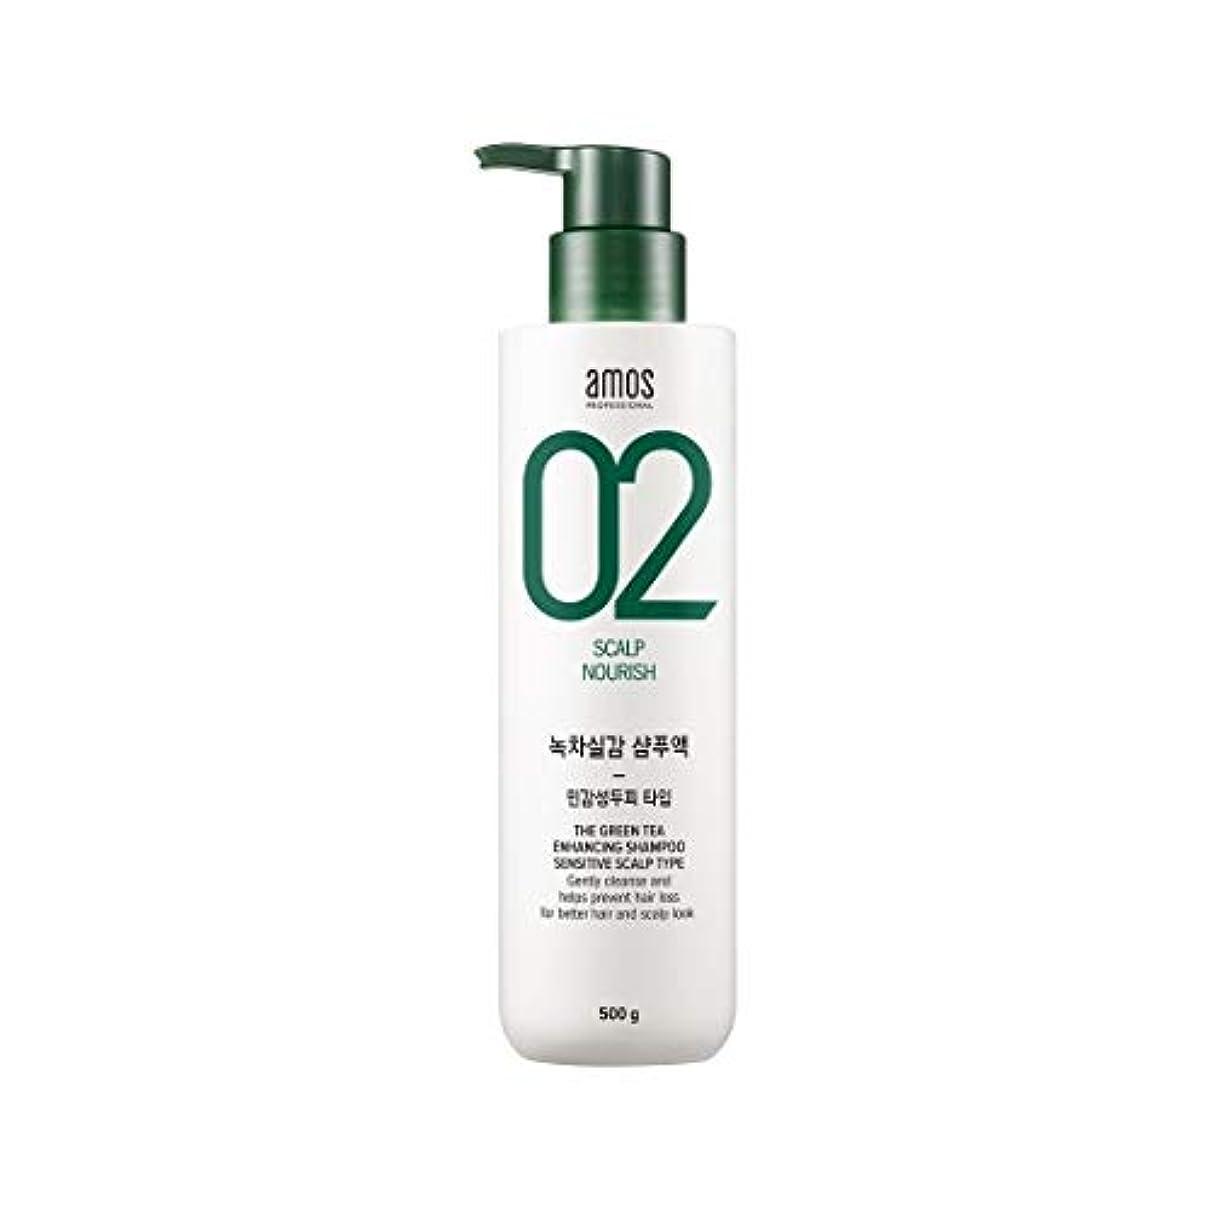 偏心撤退生まれAmos Green Tea Enhancing Shampoo -Sensitive 500g / アモス ザ グリーンティー エンハンシング シャンプー # センシンティブ スカルプタイプ [並行輸入品]